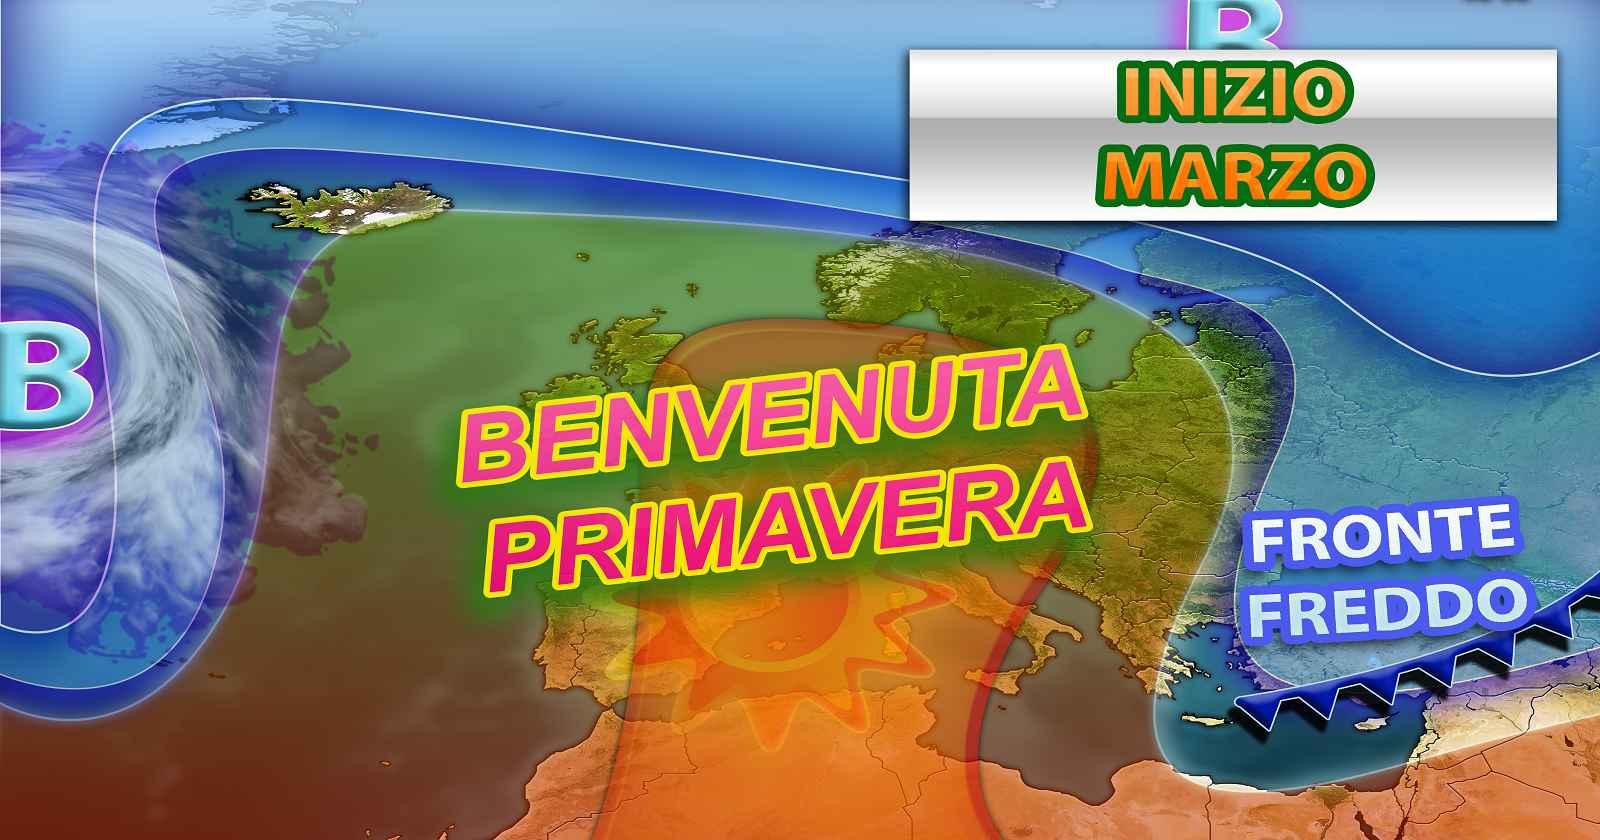 La Primavera avanza grazie all'anticiclone previsto fino all'inizio di Marzo - grafica a cura del Centro Meteo Italiano